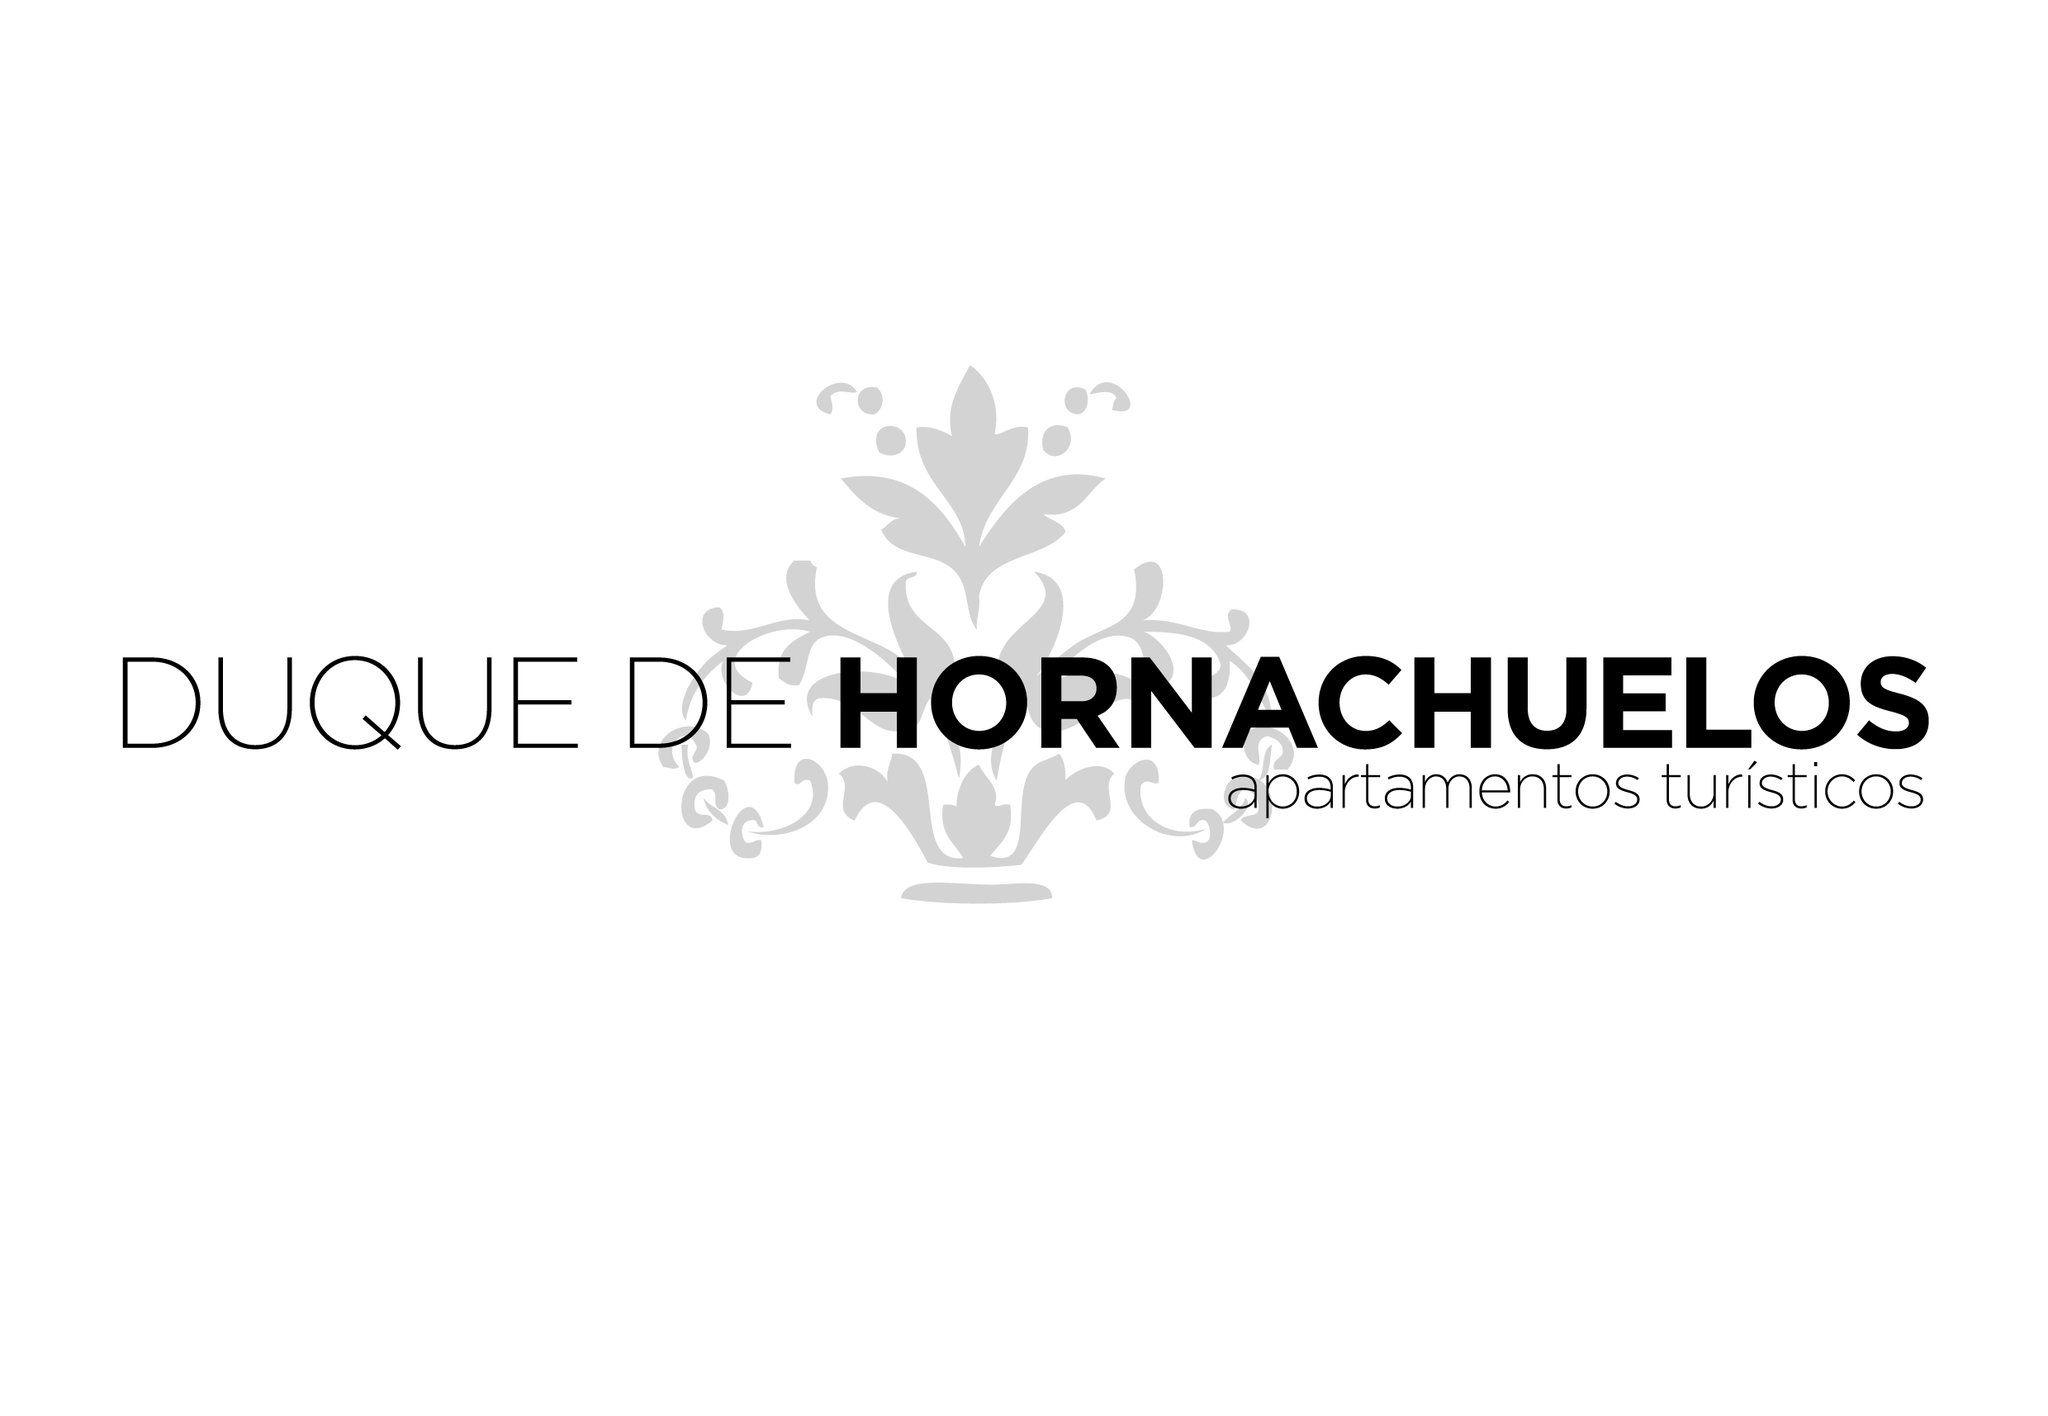 Apartamentos Turísticos Duque de Hornachuelos